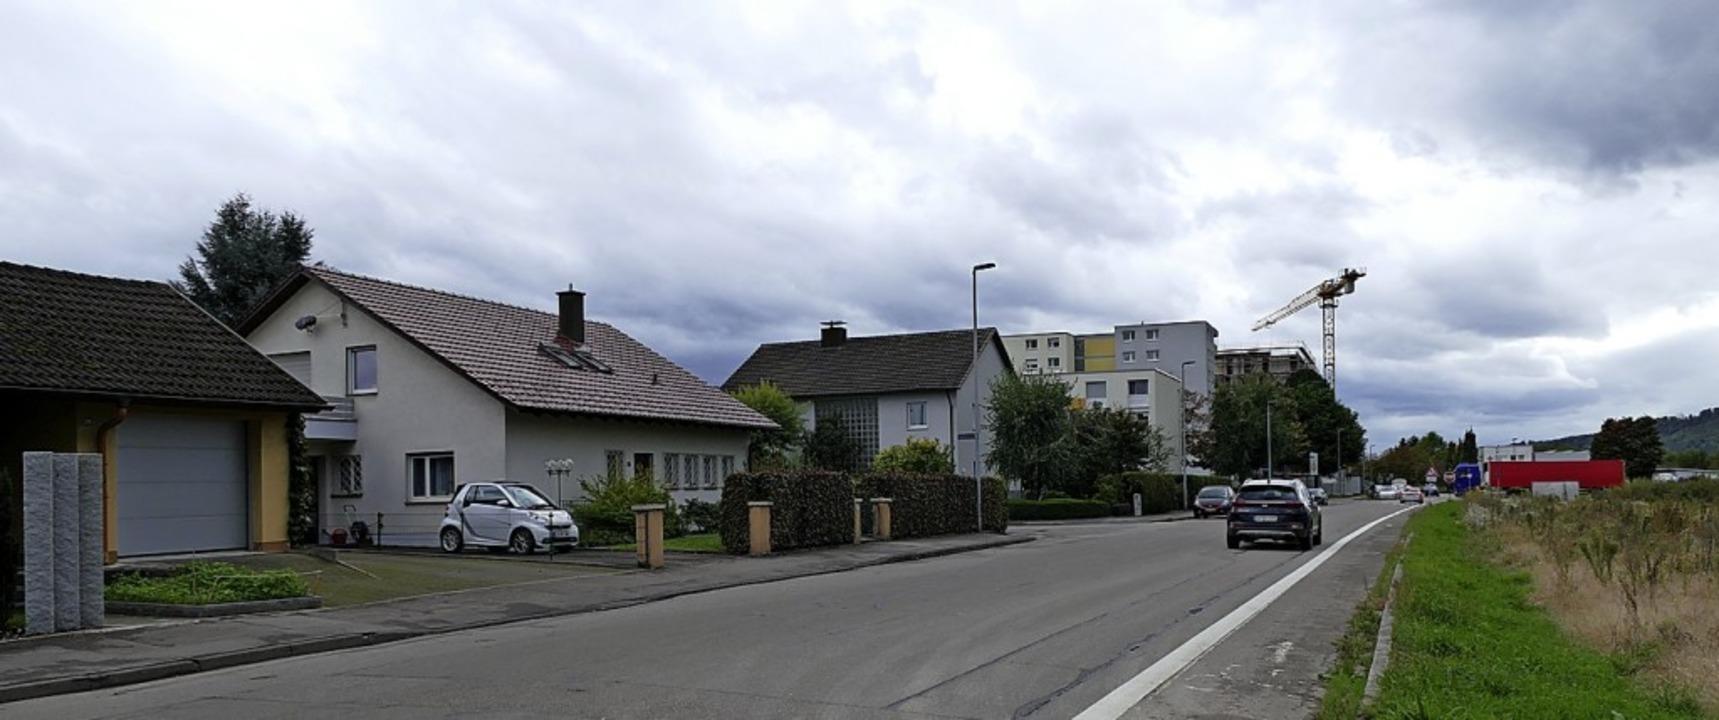 Anwohner der Römerstraße sind verkehrsgeplagt.   | Foto: Verena Pichler